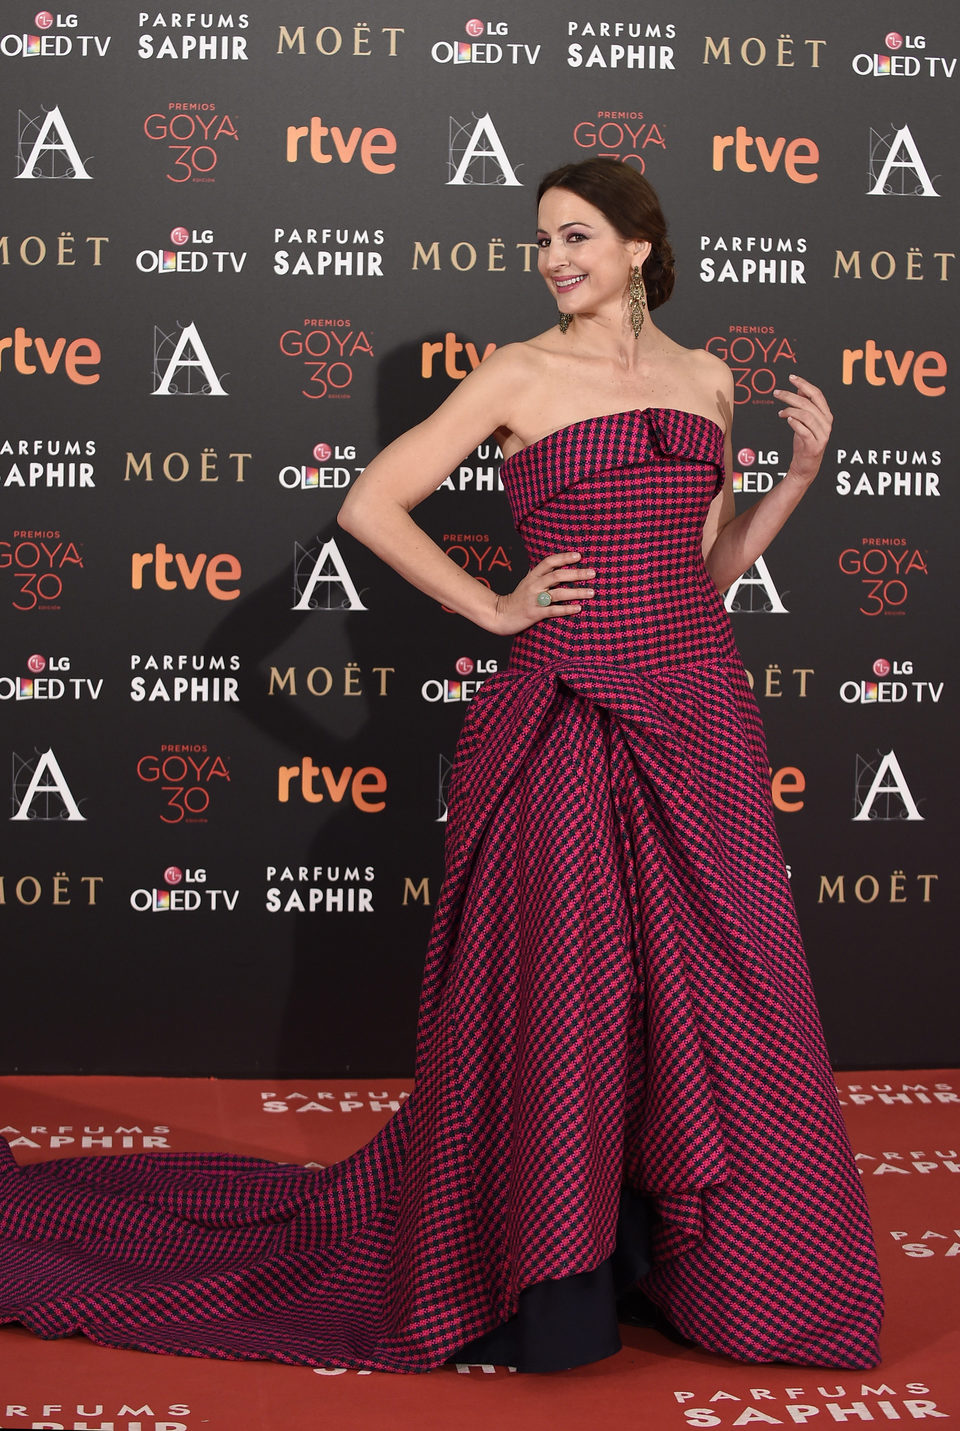 Cuca Escribano en la alfombra roja de los Premios Goya 2016